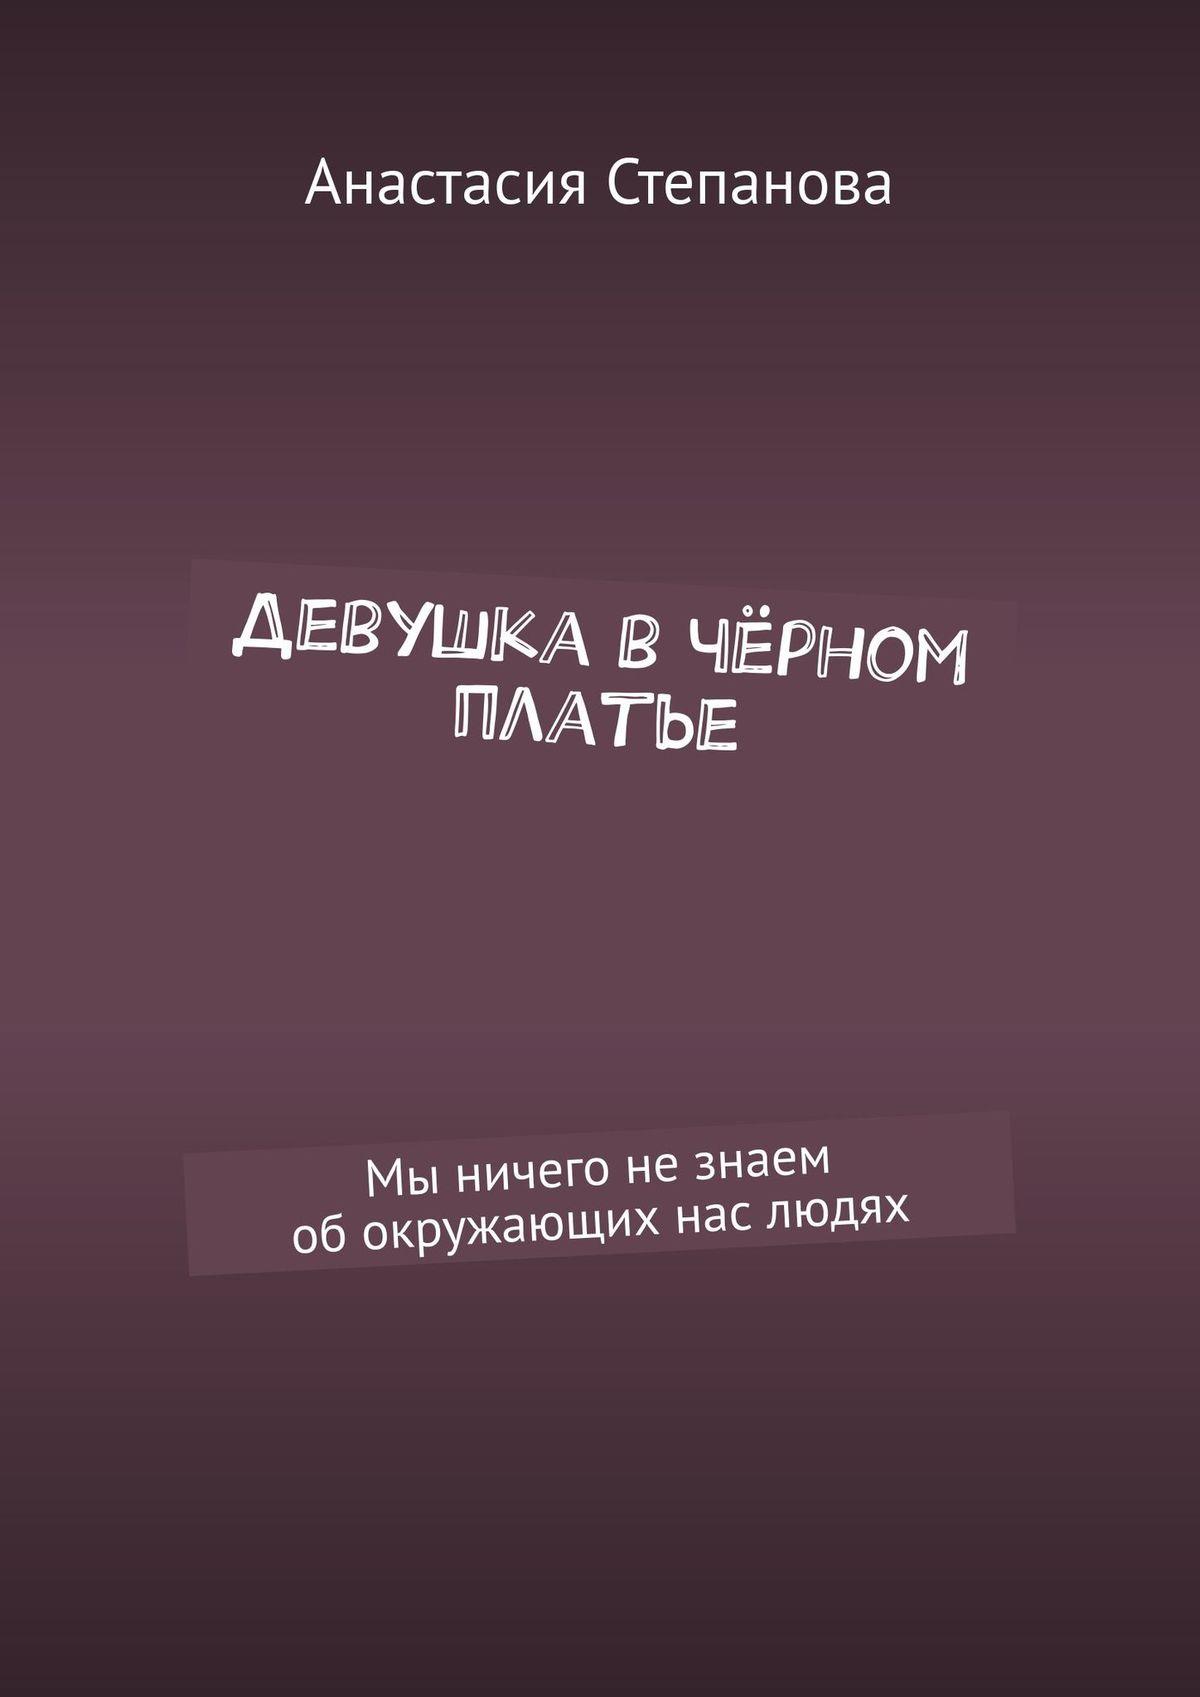 Анастасия Степанова Девушка вчёрном платье. Мы ничего незнаем обокружающих нас людях